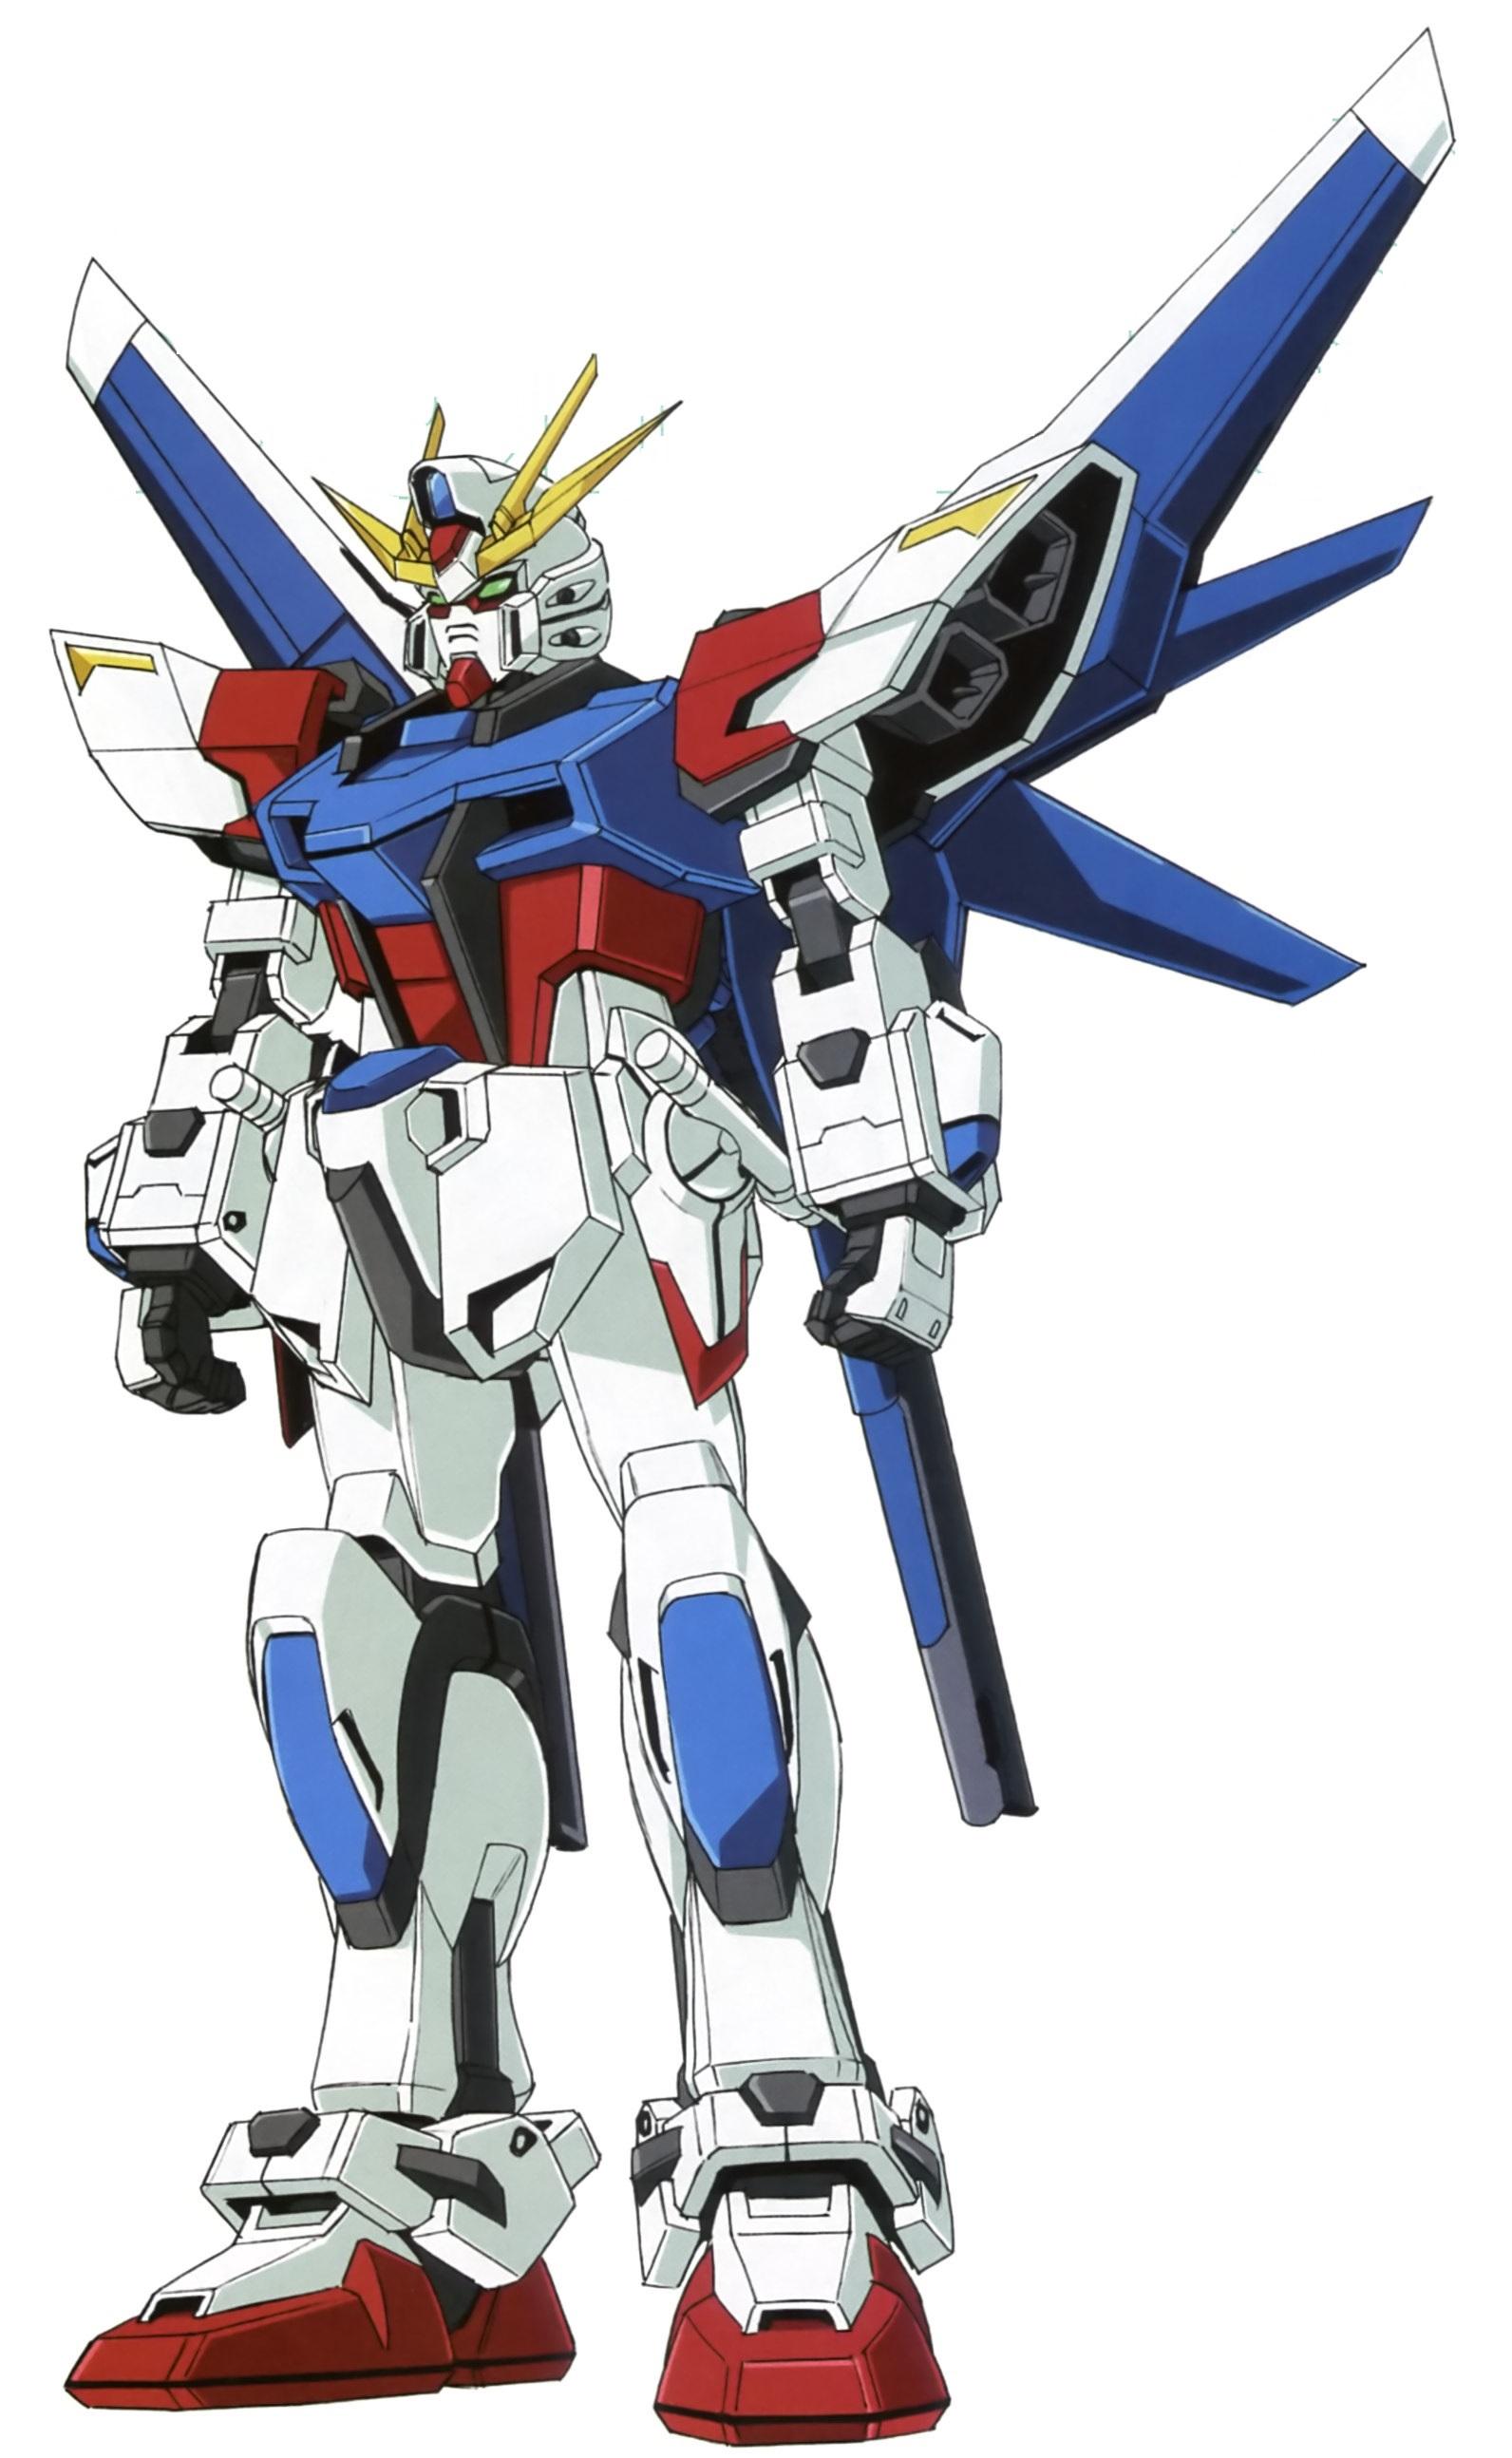 RG #23 GAT-X105B/FP Build Strike Gundam Full Package